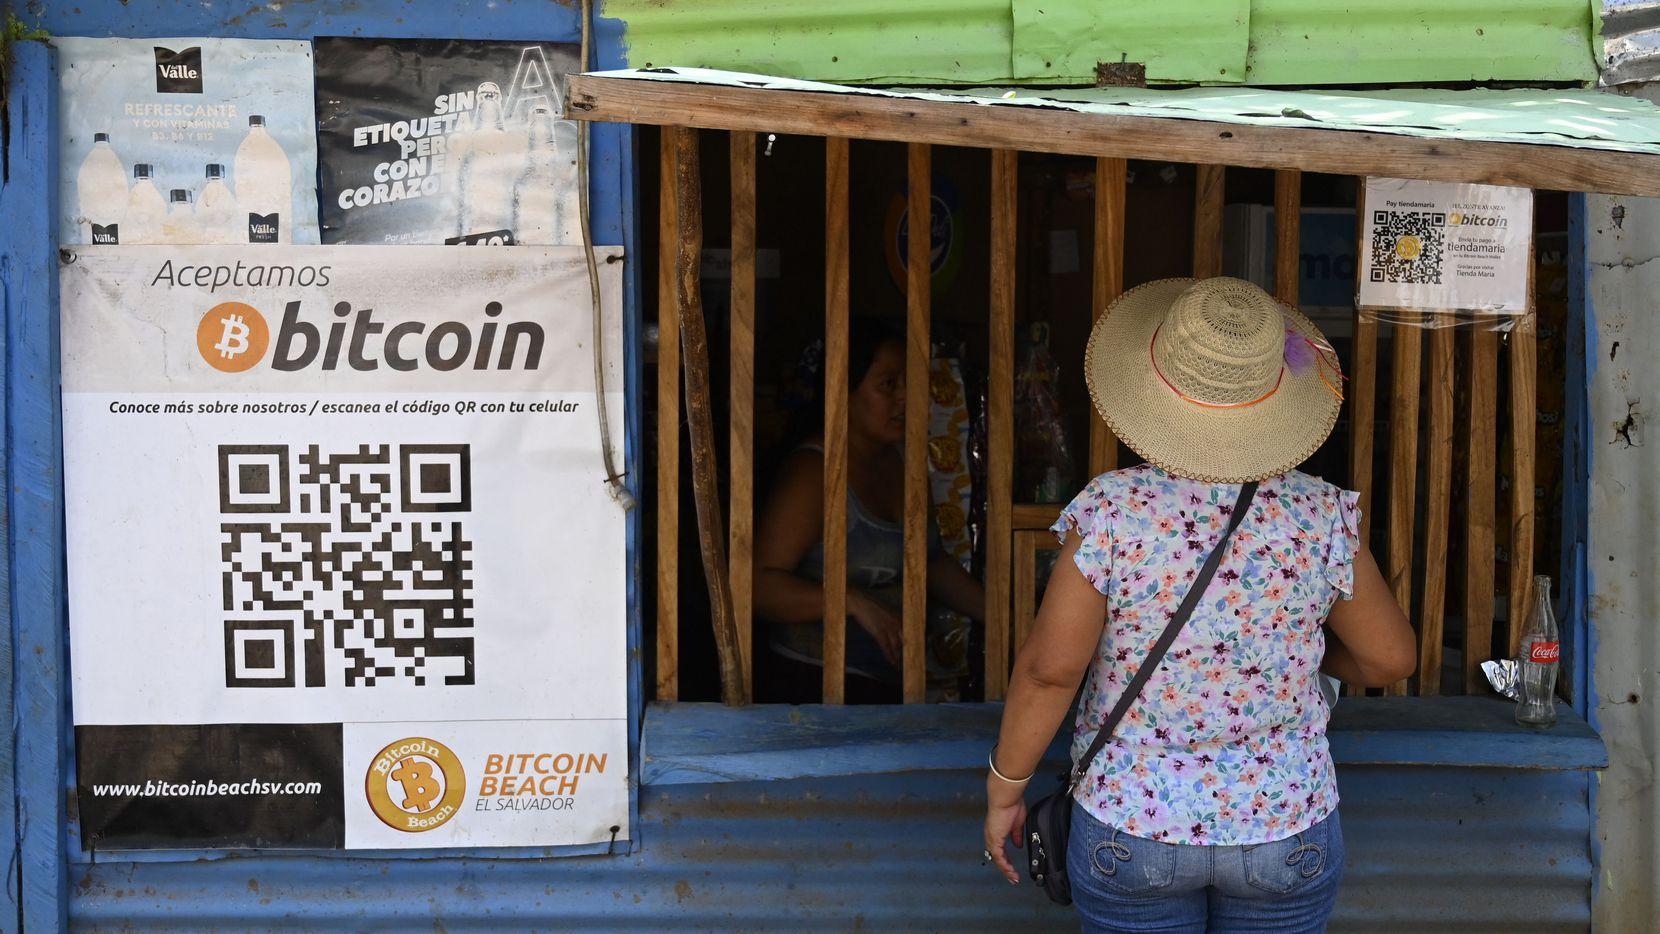 Una mujer se acerca a una tienda que acepta transacciones en Bitcoin en La Libertad, El Salvador. La criptomoneda se puede usar legalmente en ese país, pero analistas advierte de un posible impacto negativo.